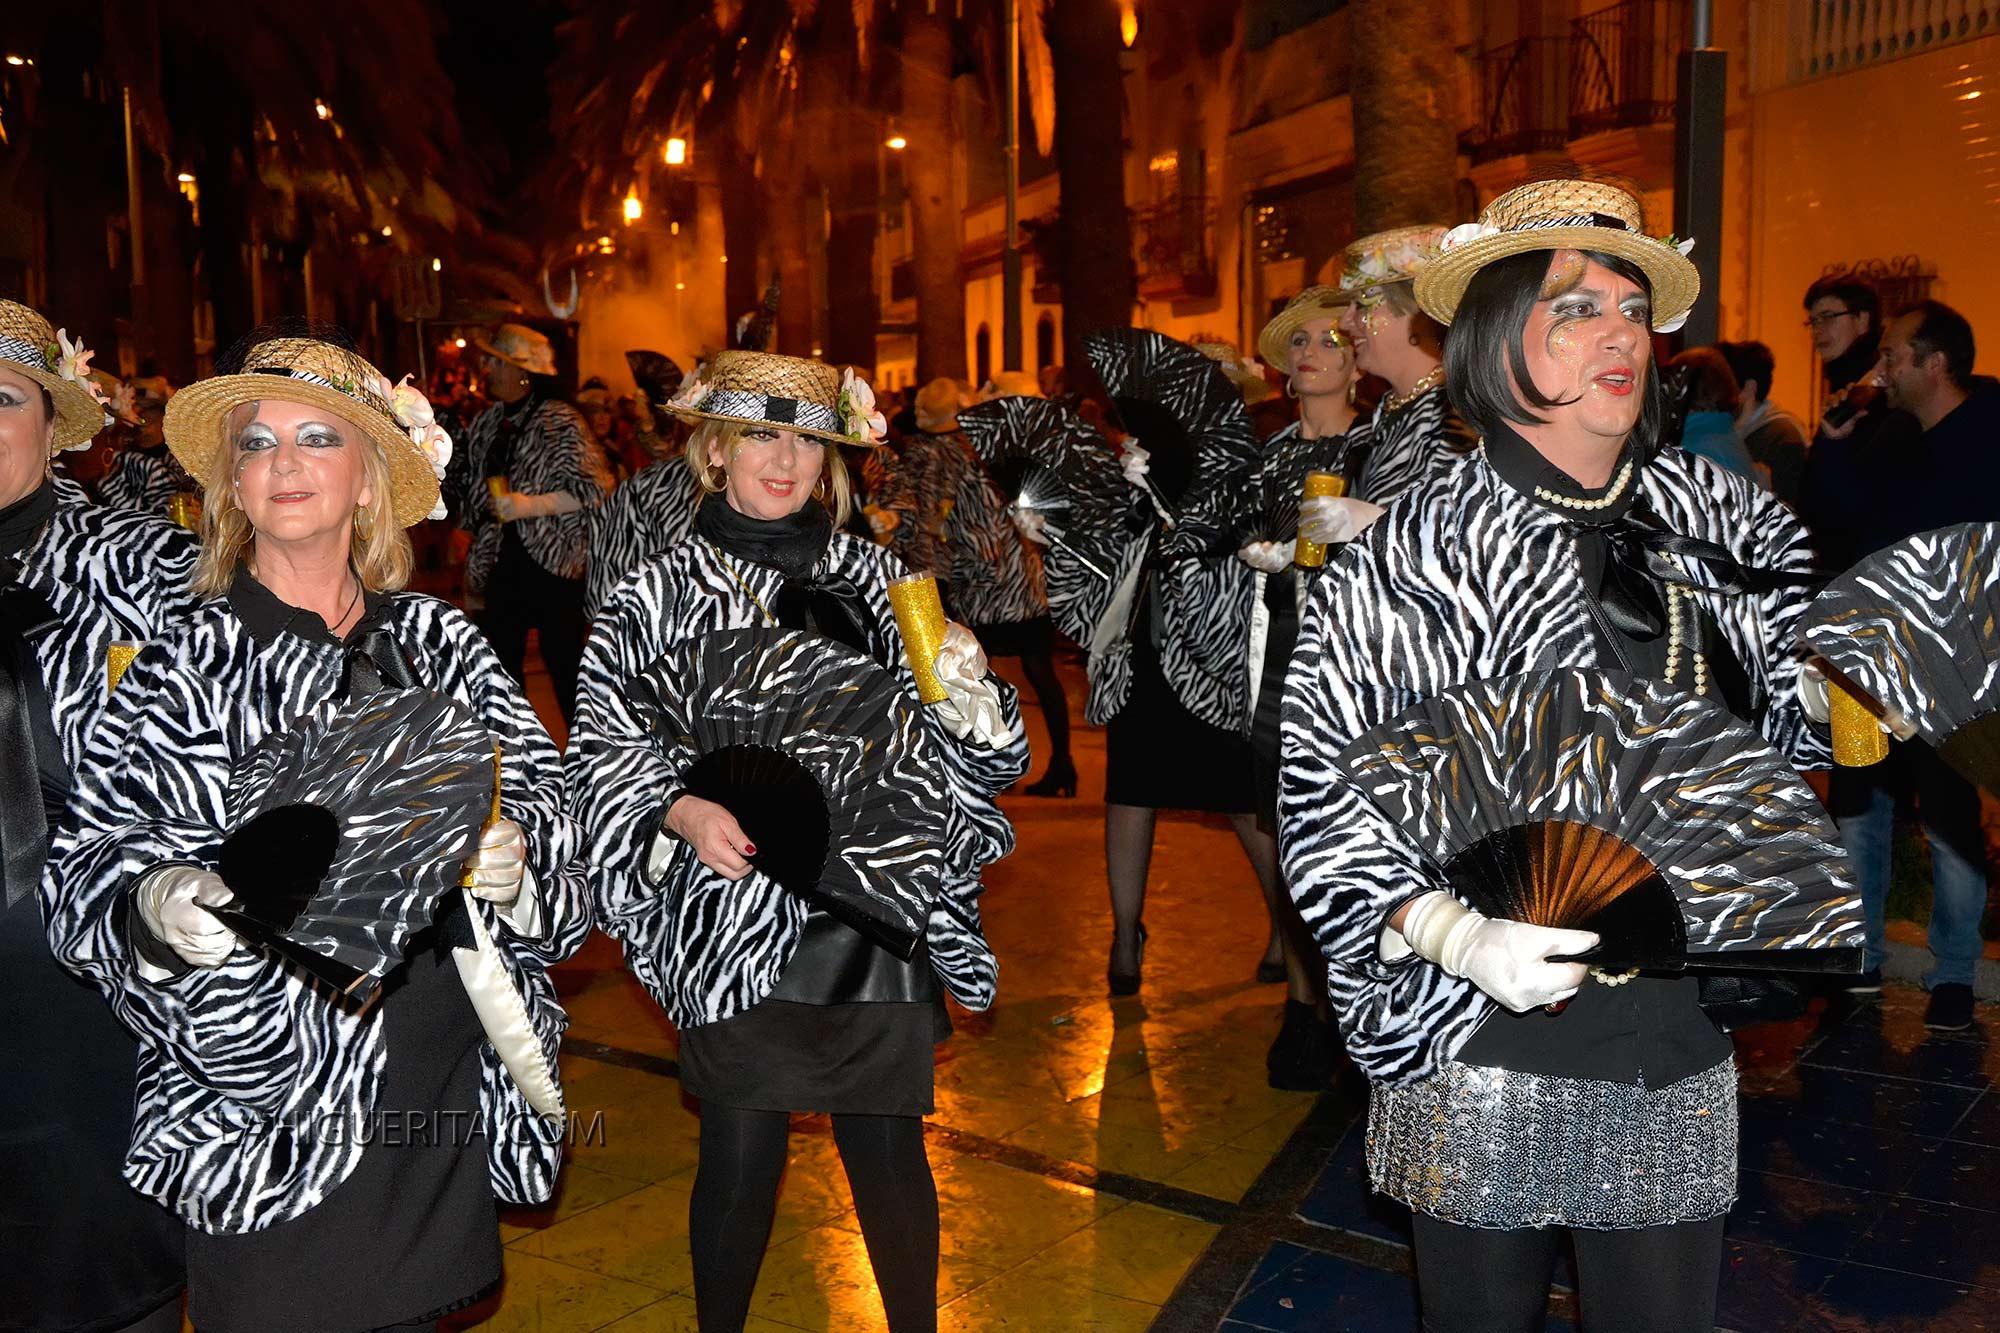 Entierro de la sardina carnaval isla cristina _DSC2216